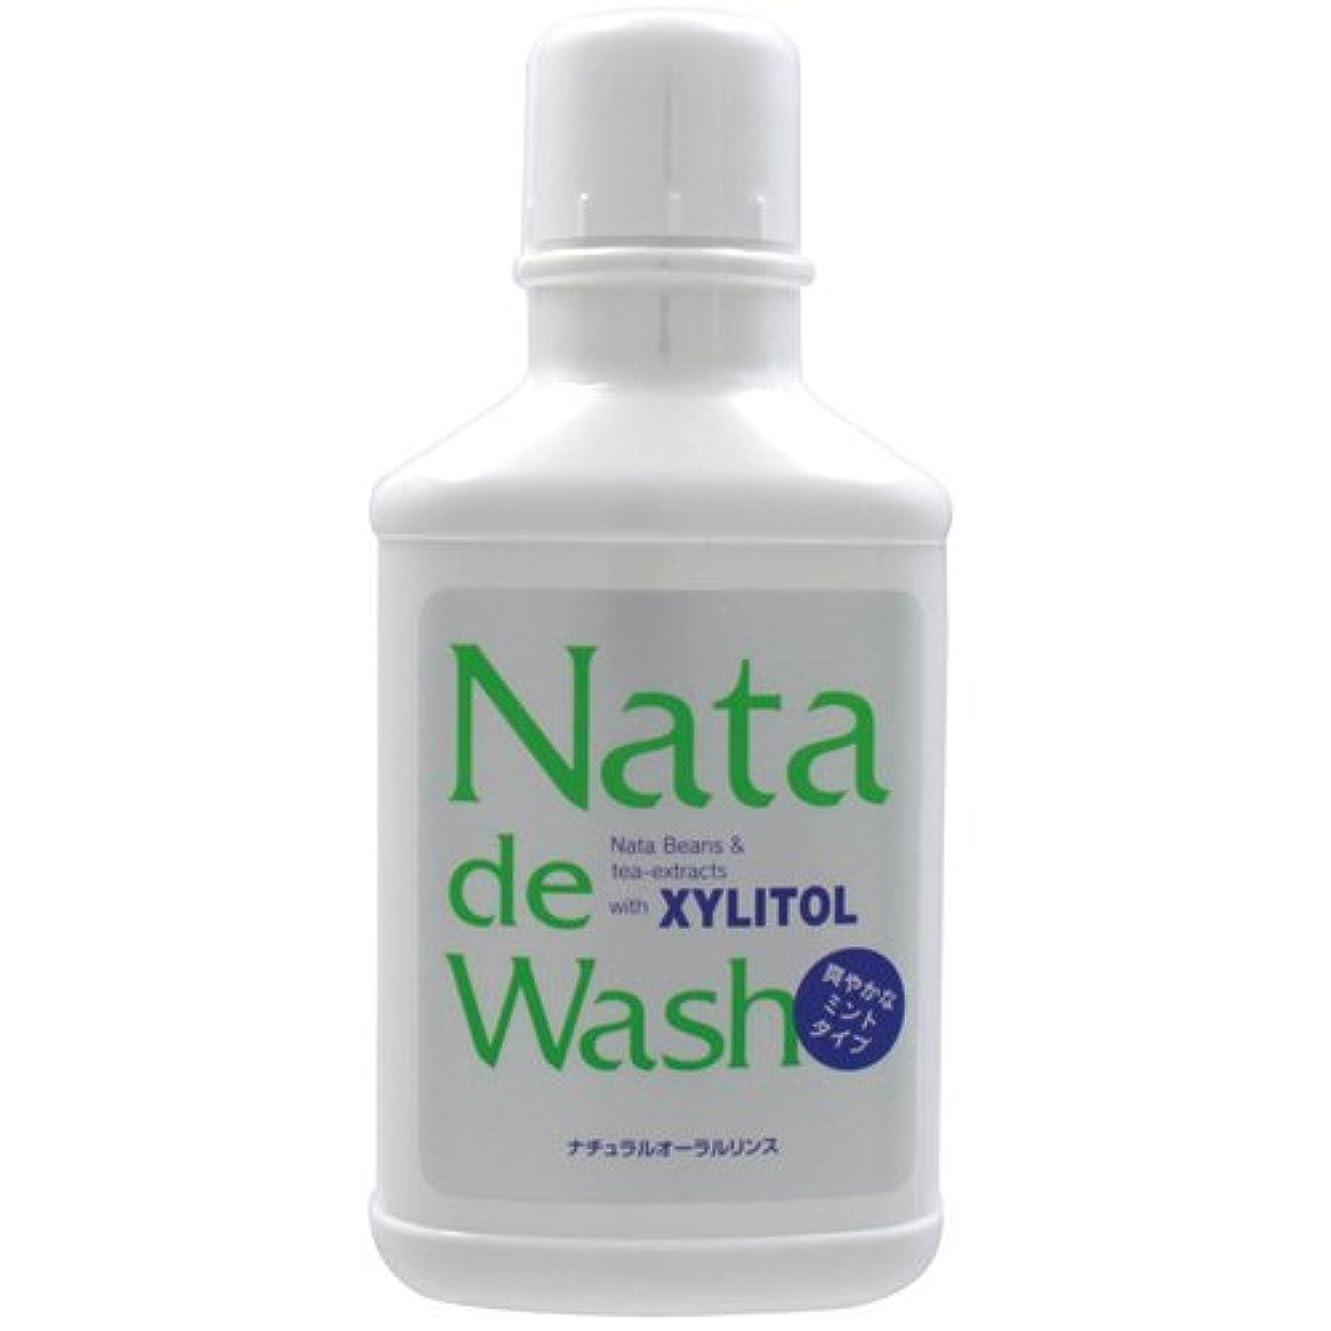 ナタデウォッシュ 500ml 口臭予防 歯磨きの後にお勧め ナタデ ウォッシュ